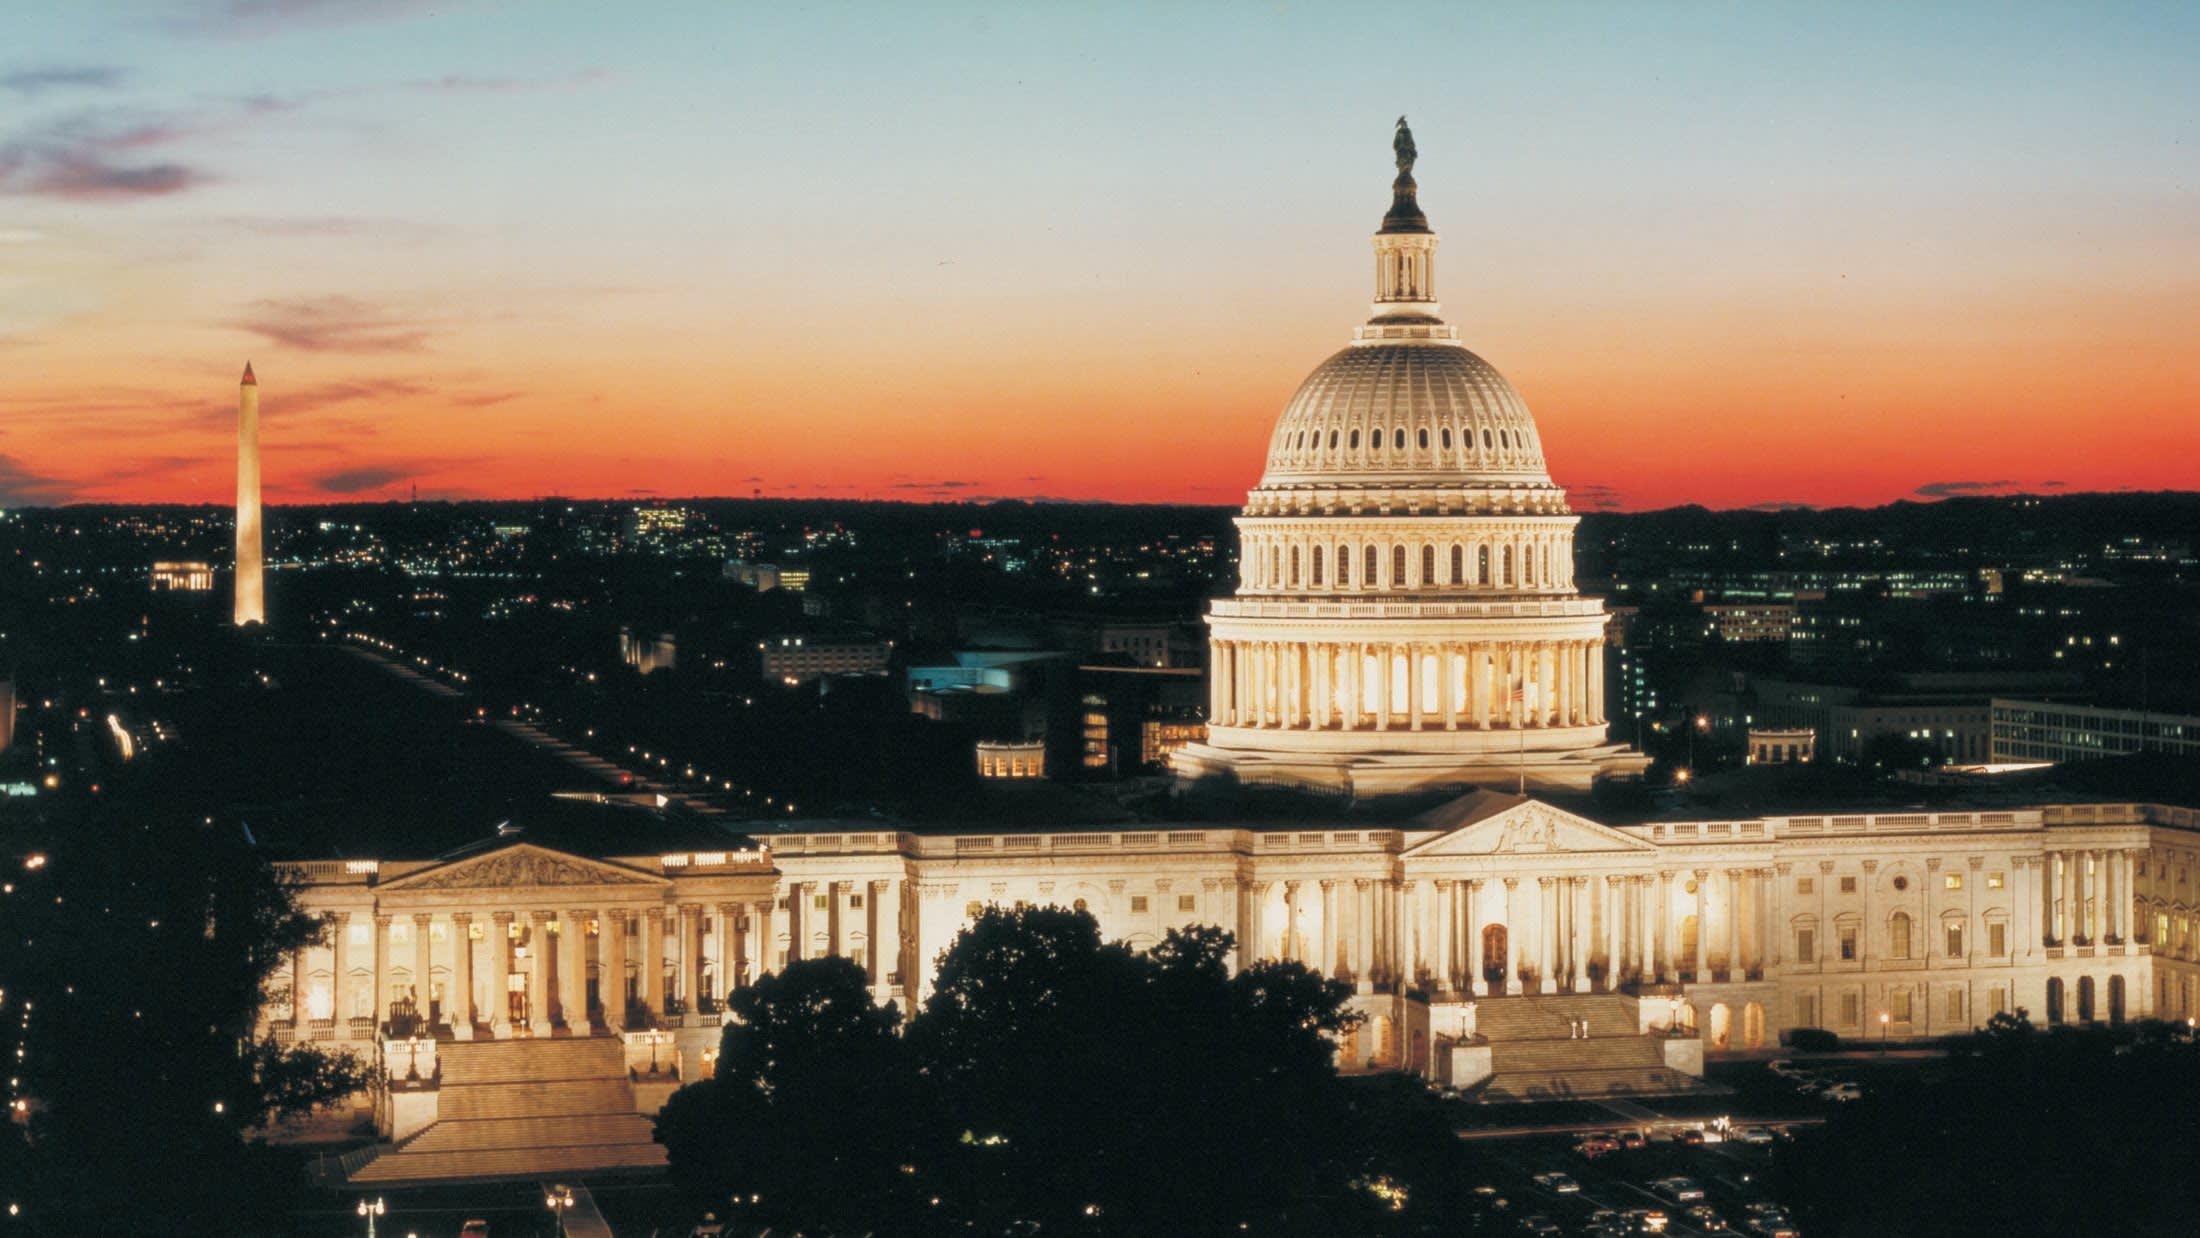 位 在 華 盛 頓 特 區 的 白 宮